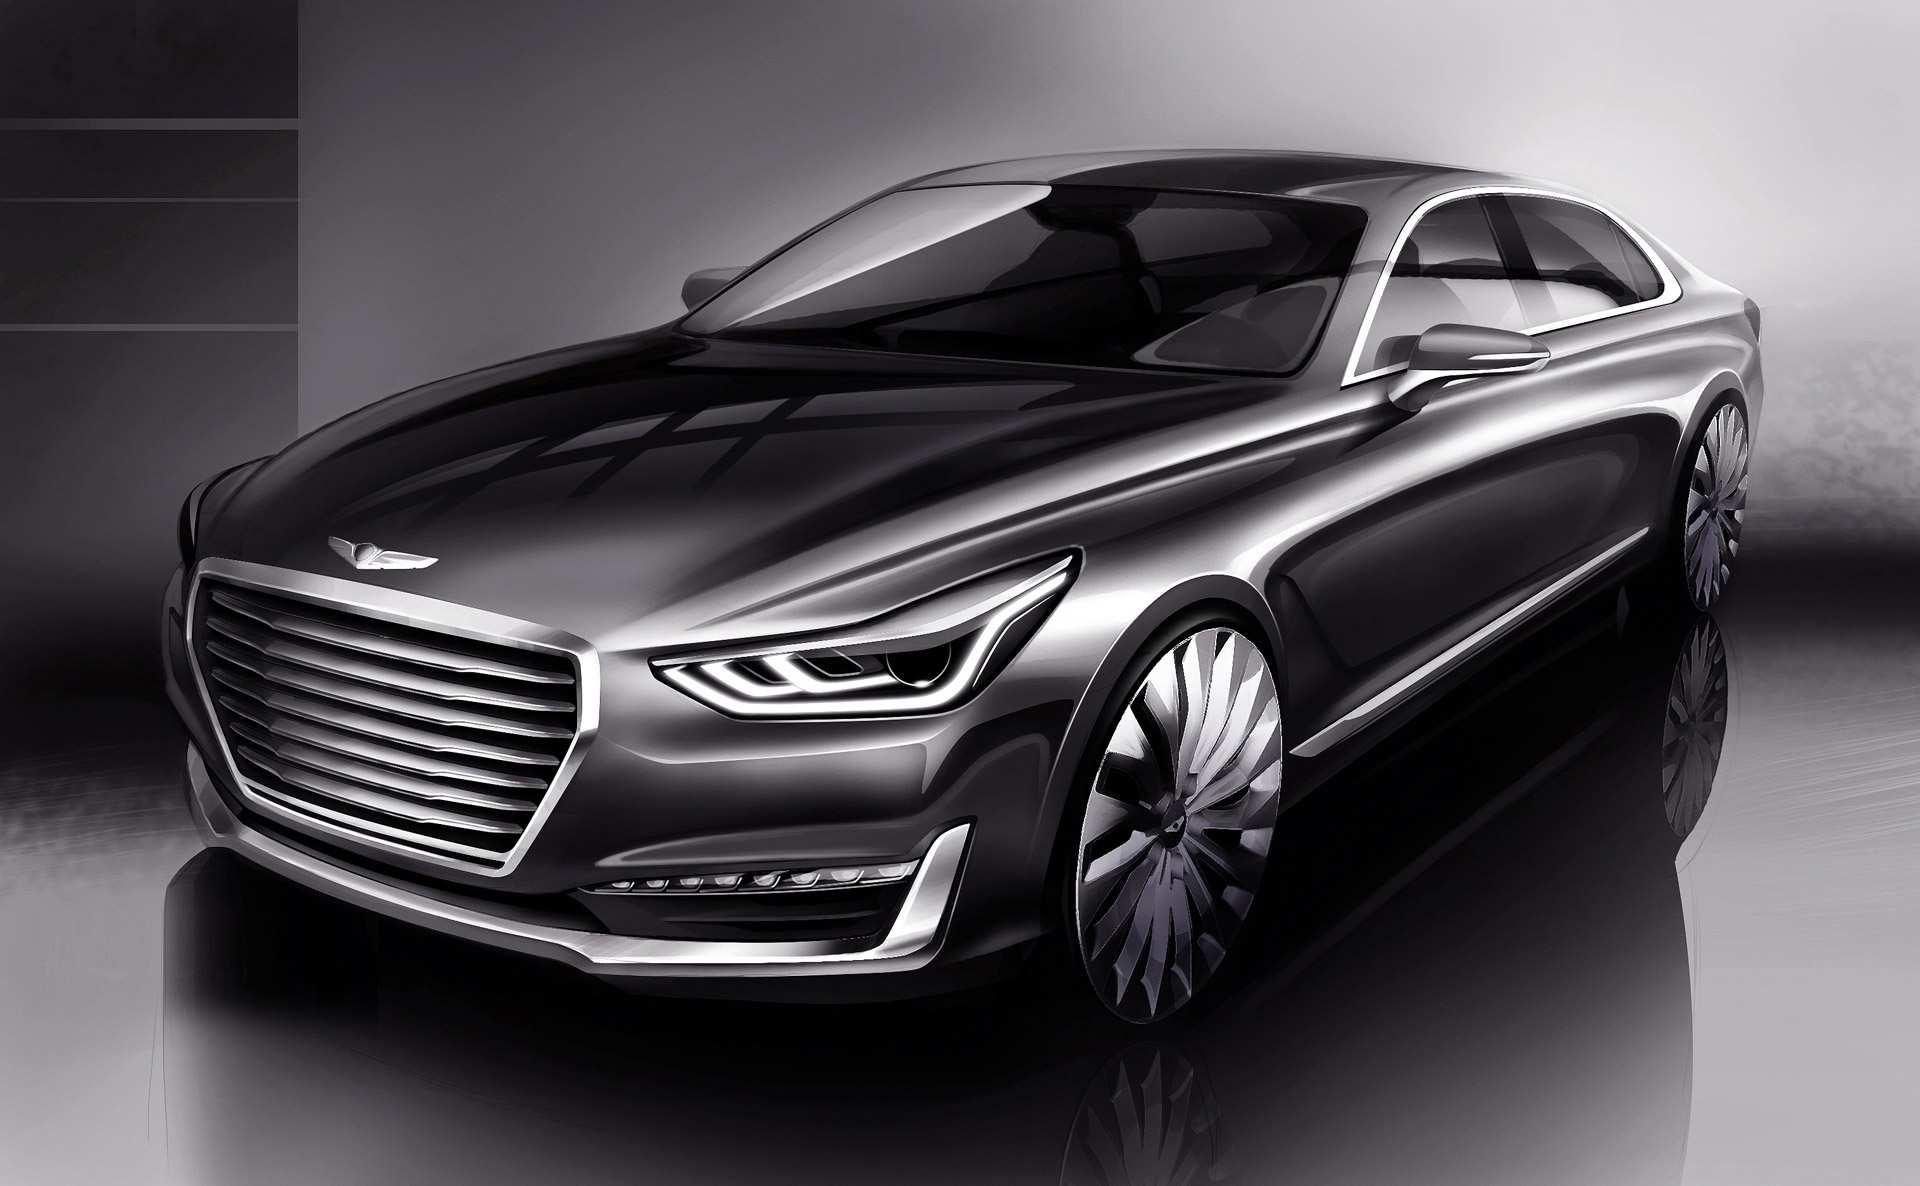 26 The Hyundai Equus 2020 New Review by Hyundai Equus 2020